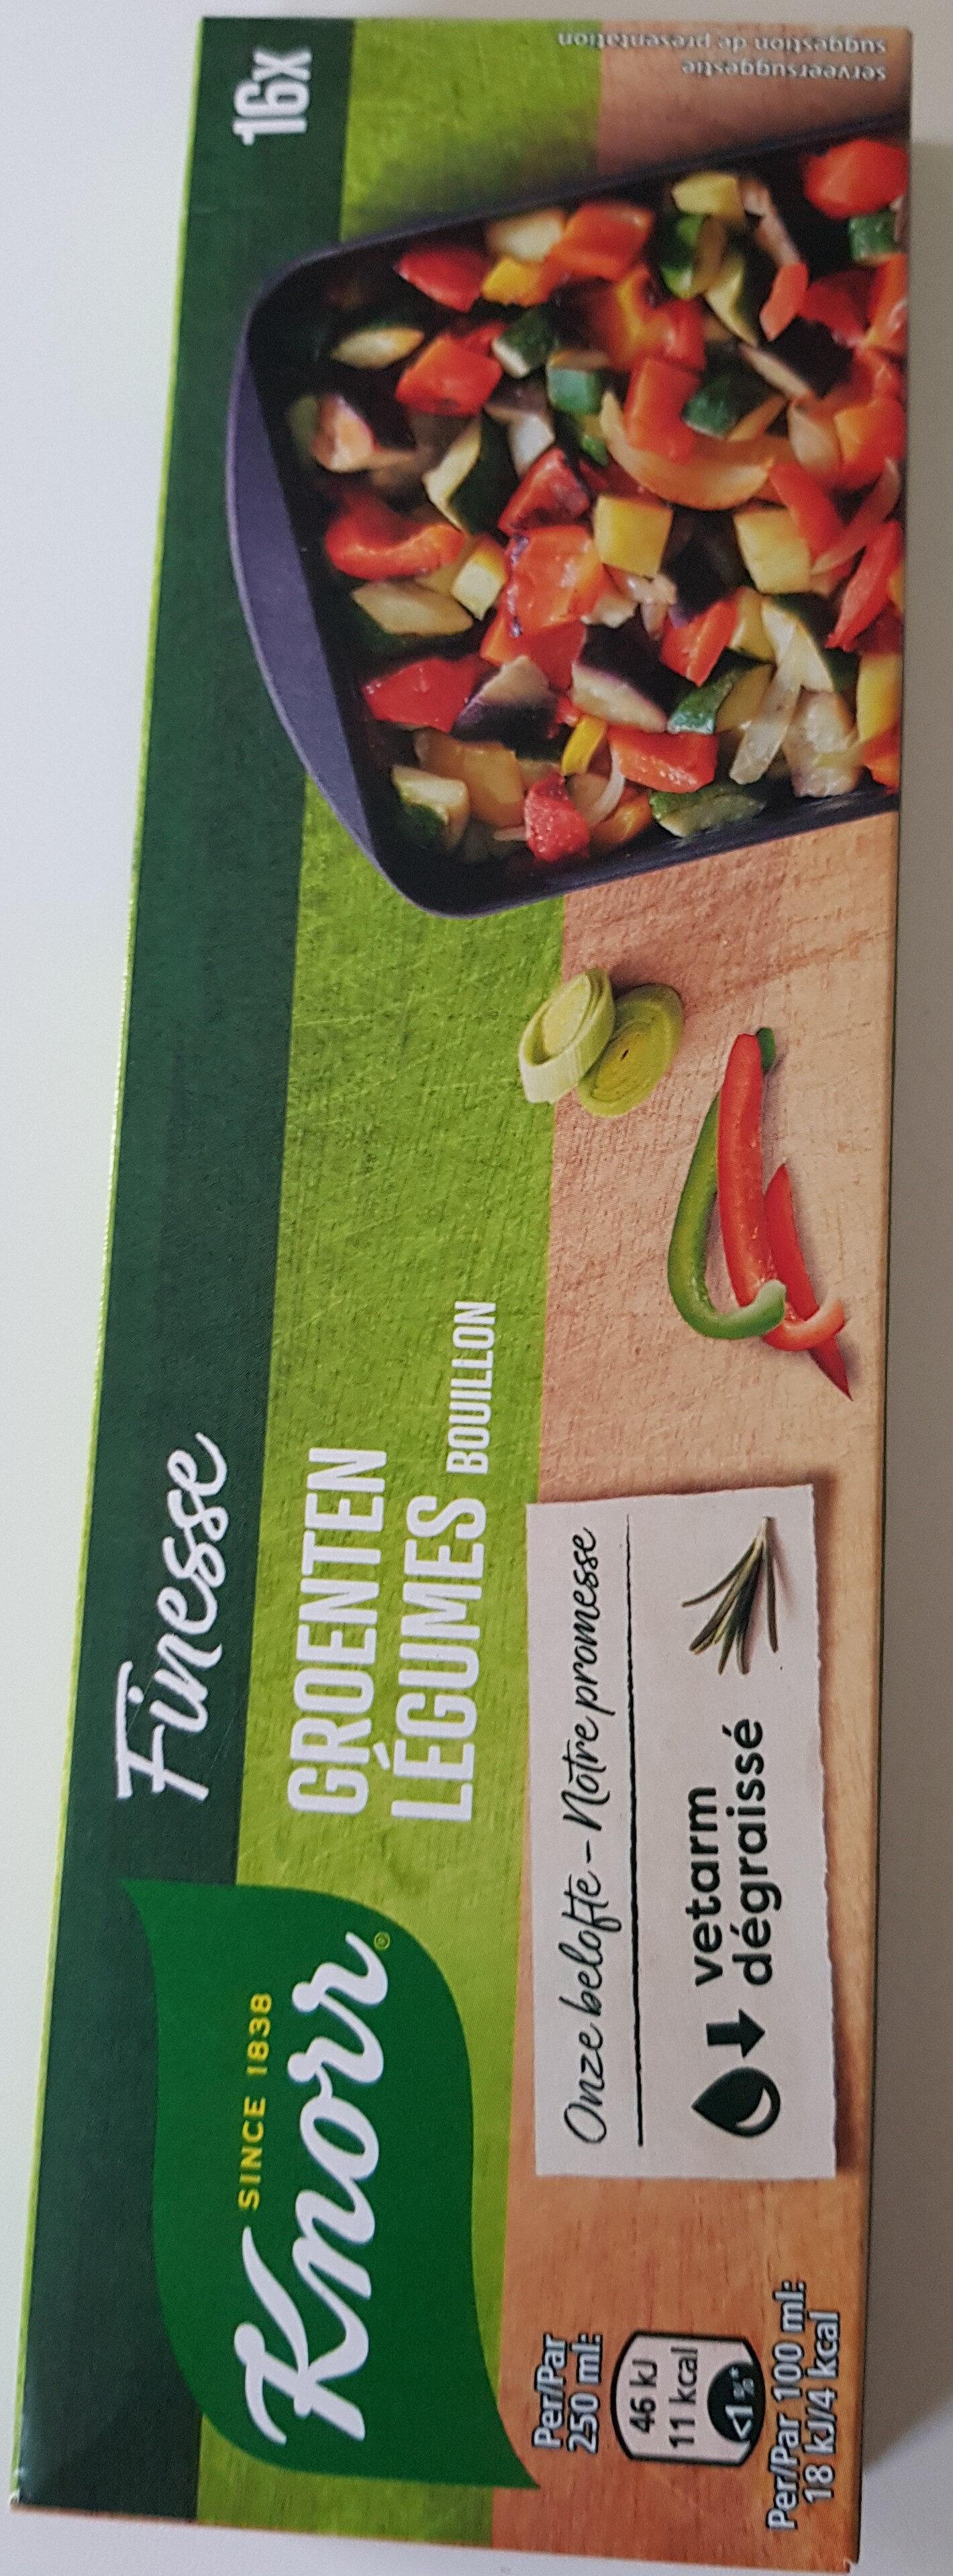 Finesse légumes bouillon - Product - fr